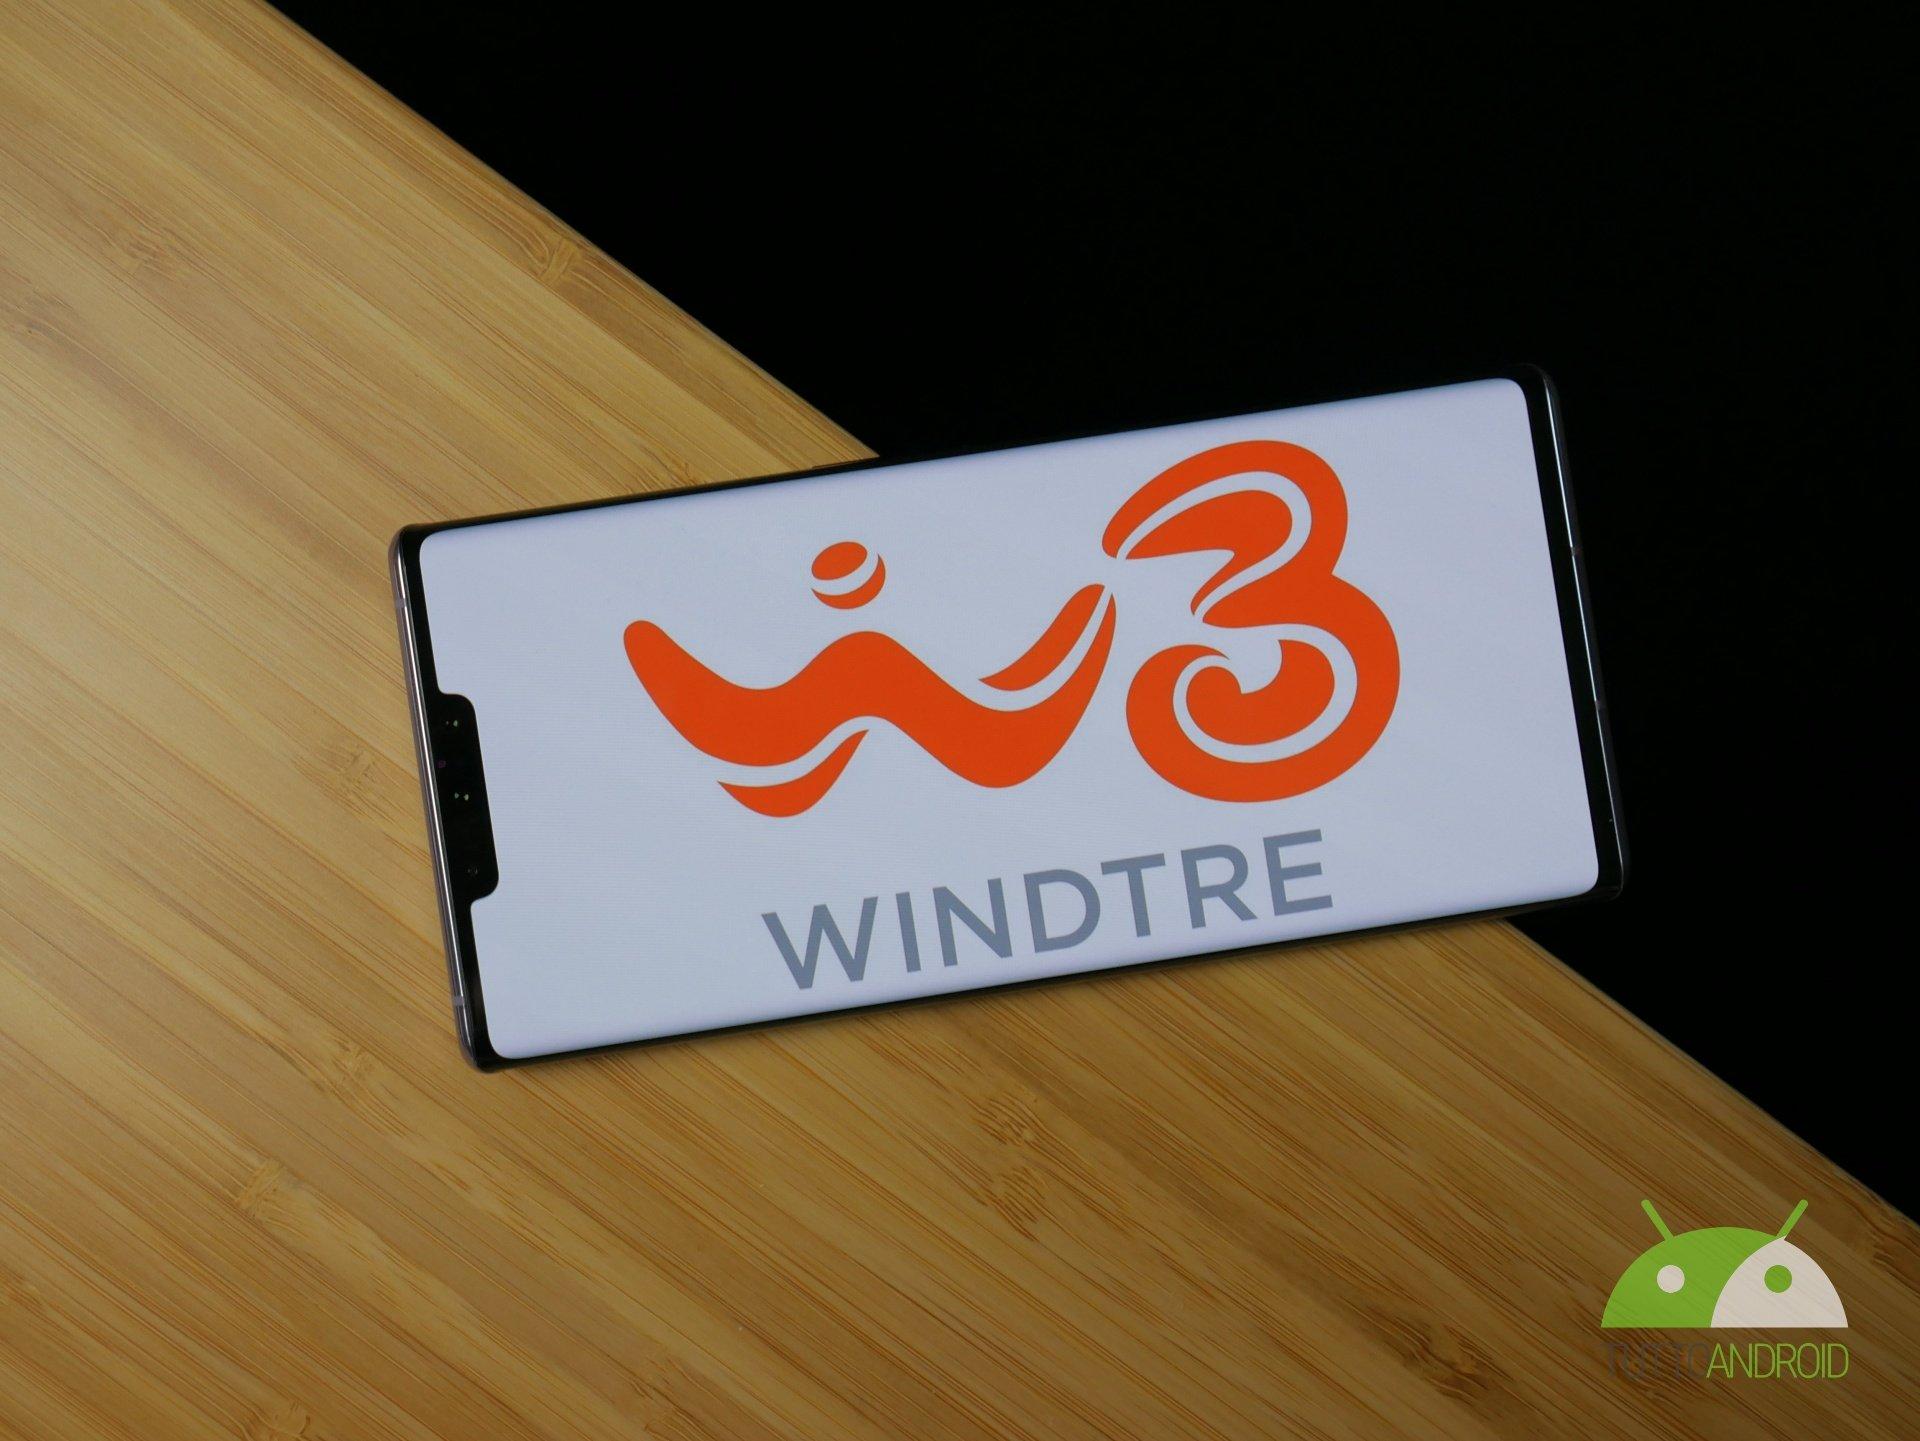 Offerte WindTre mobile: Giga illimitati a 7.99 euro